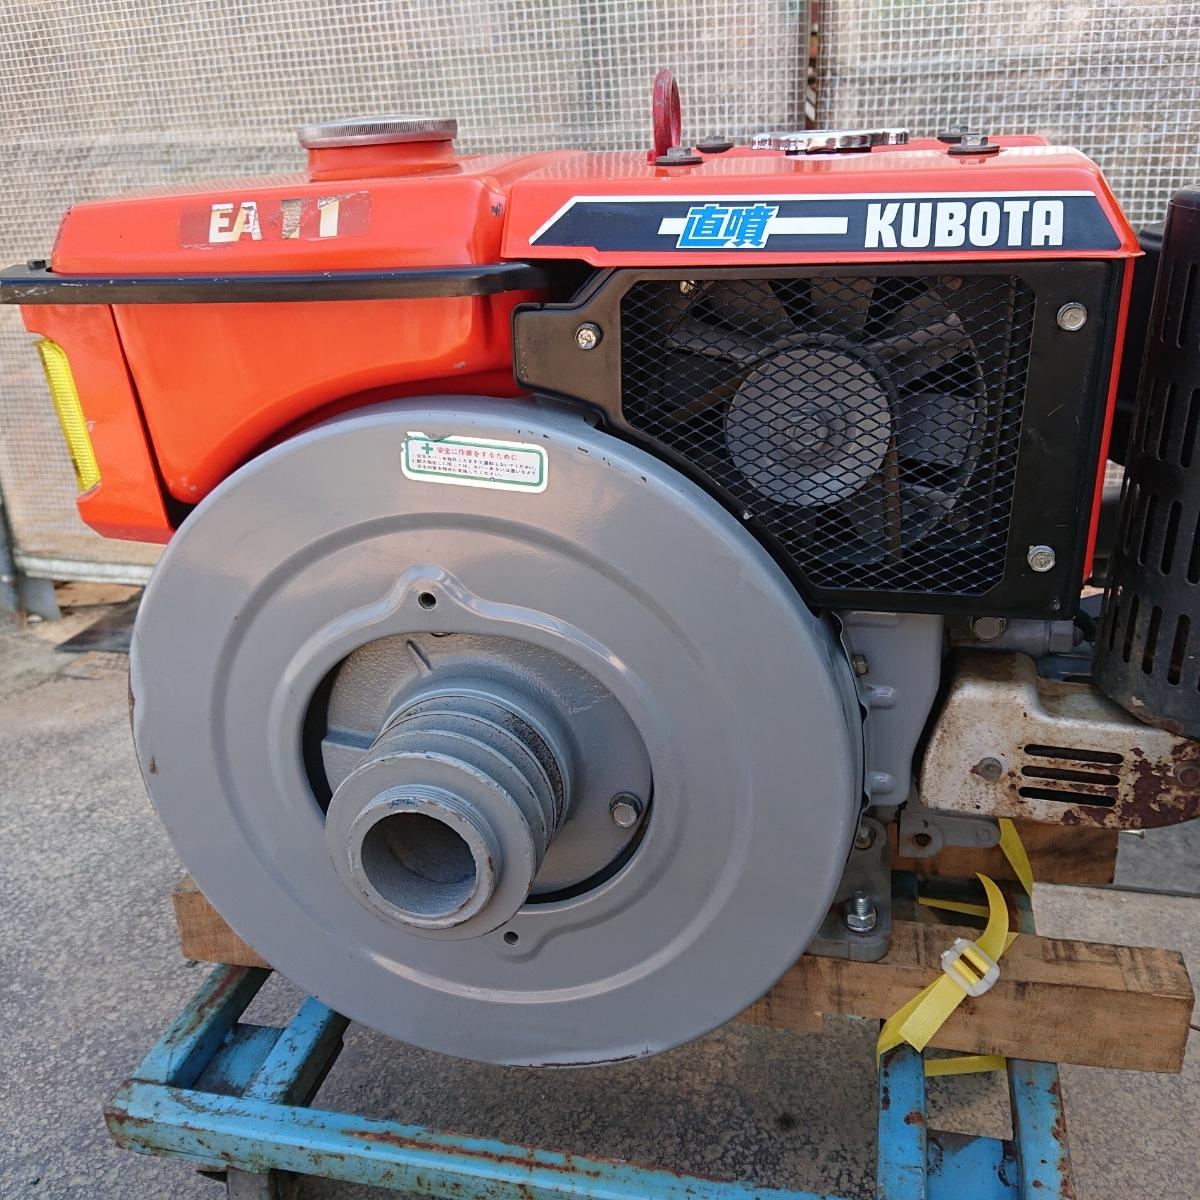 クボタ ディーゼルエンジン EA11 10.5馬力 発動機 実働品 直噴_画像6